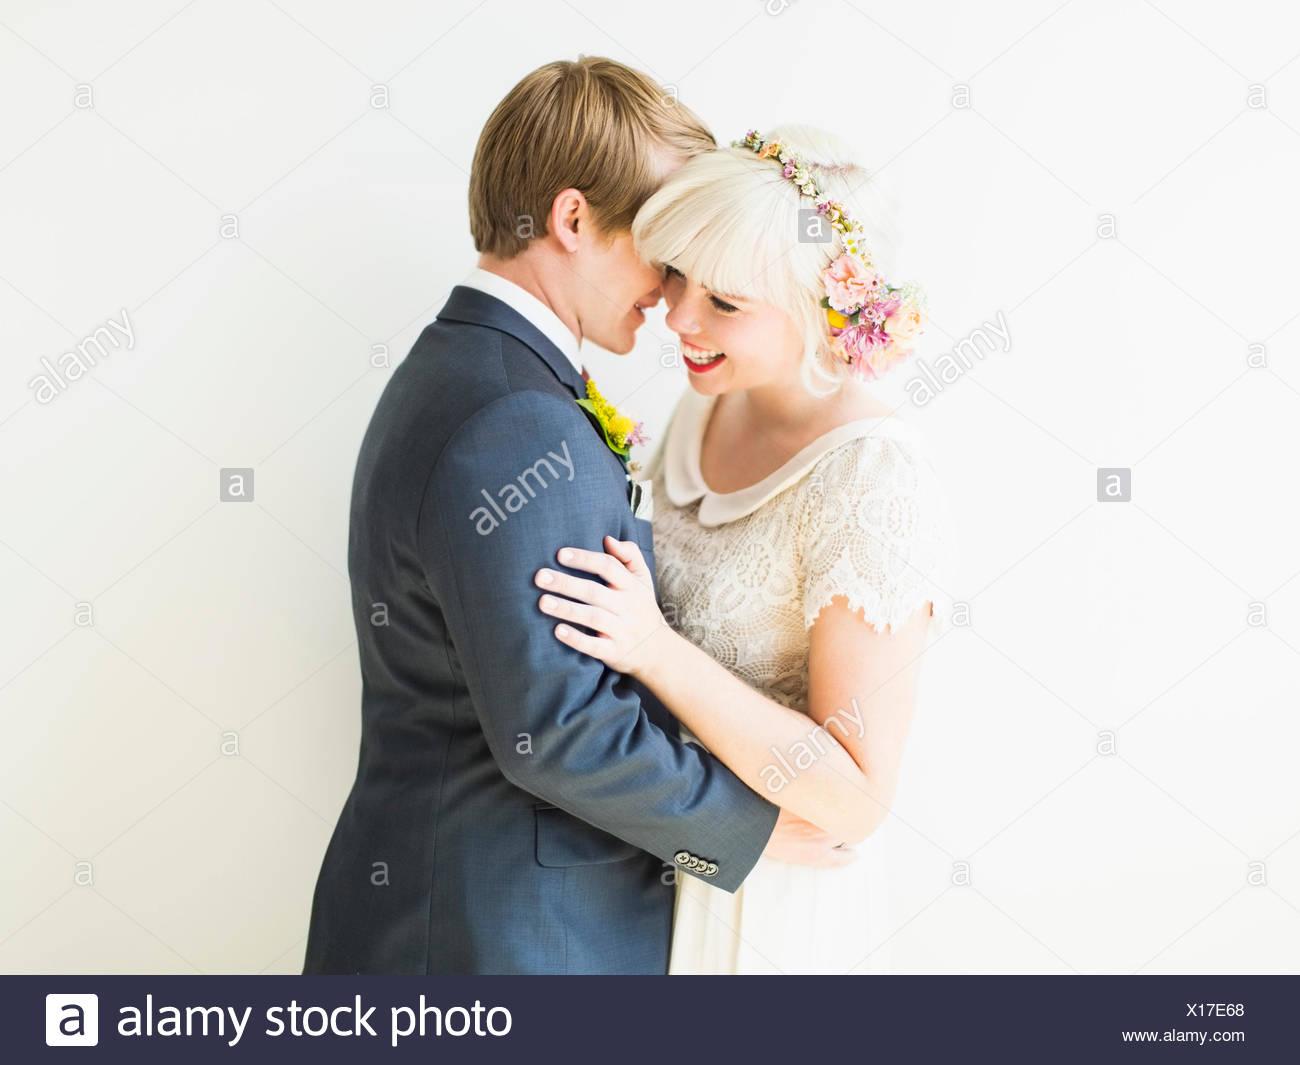 Sorridente sposa giovane abbracciando Immagini Stock